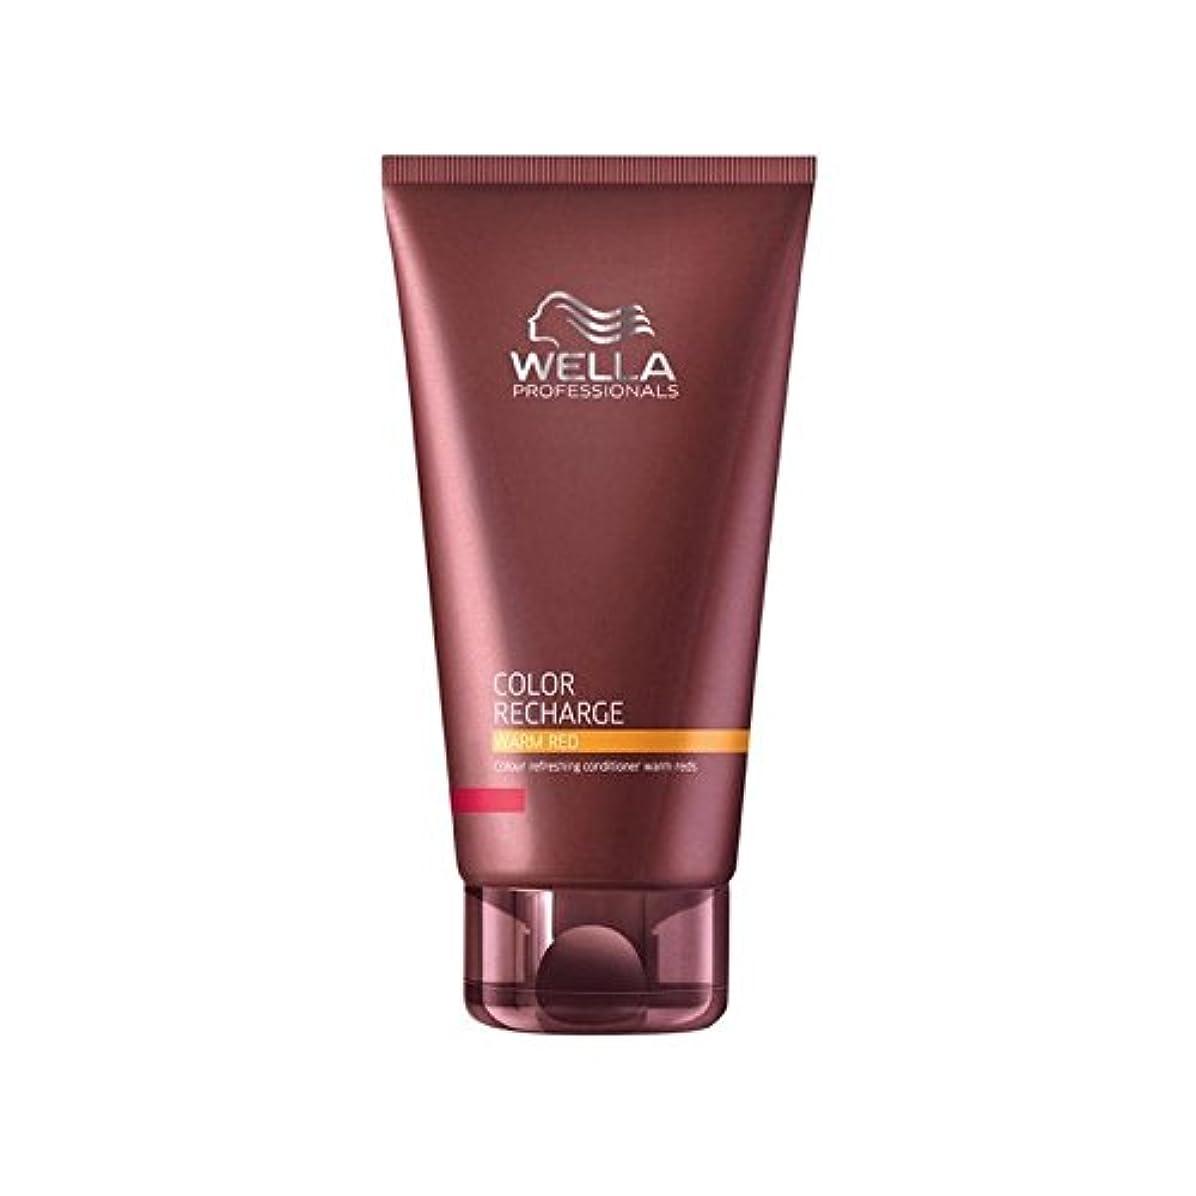 太鼓腹ベッツィトロットウッドワイドWella Professionals Color Recharge Conditioner Warm Red (200ml) - ウエラ専門家のカラー再充電コンディショナー暖かい赤(200ミリリットル) [並行輸入品]